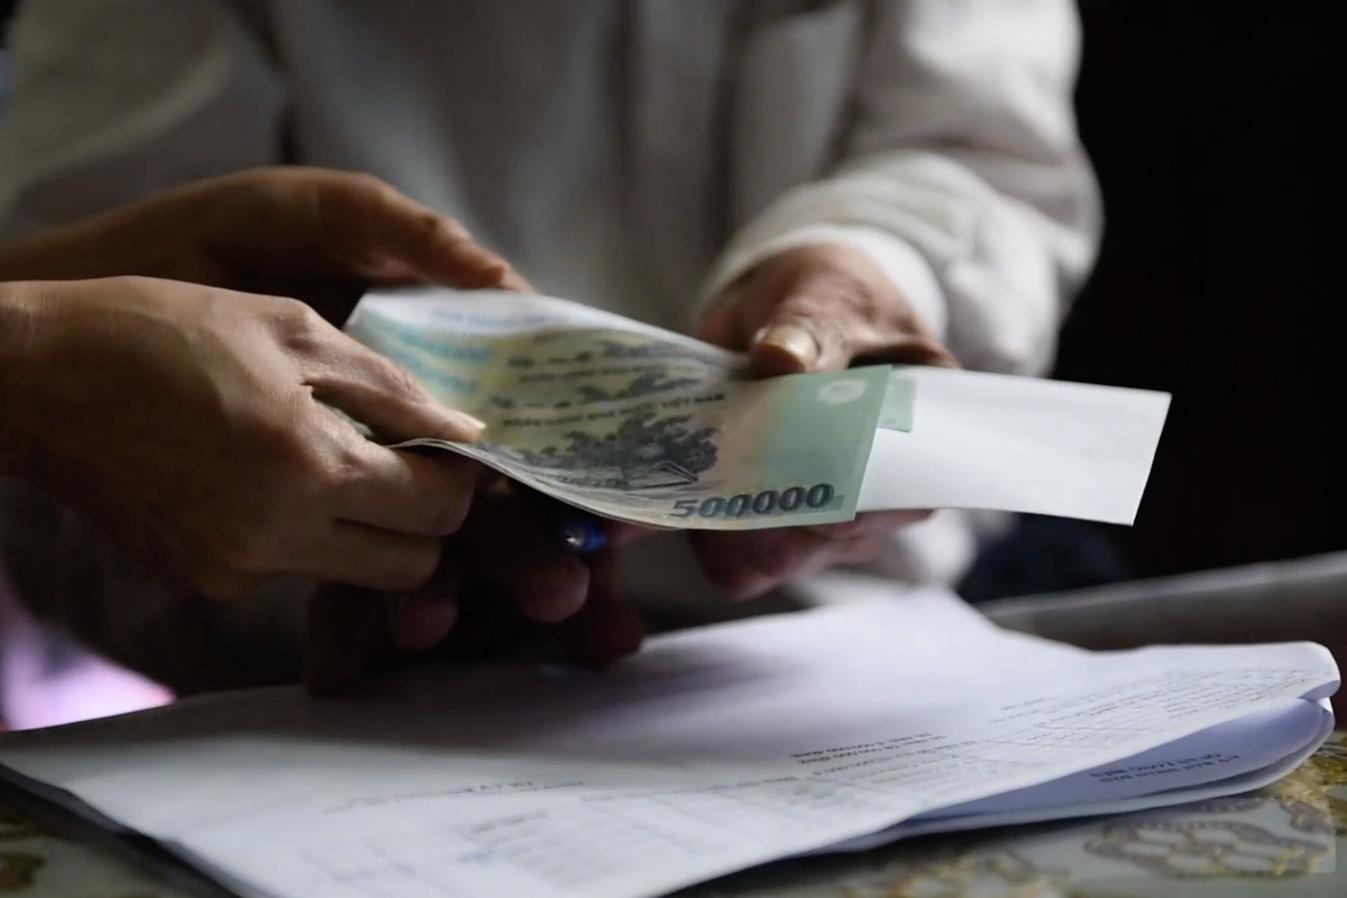 Tiền từ gói hỗ trợ 62.000 tỷ tới tận tay người gặp khó khăn do dịch